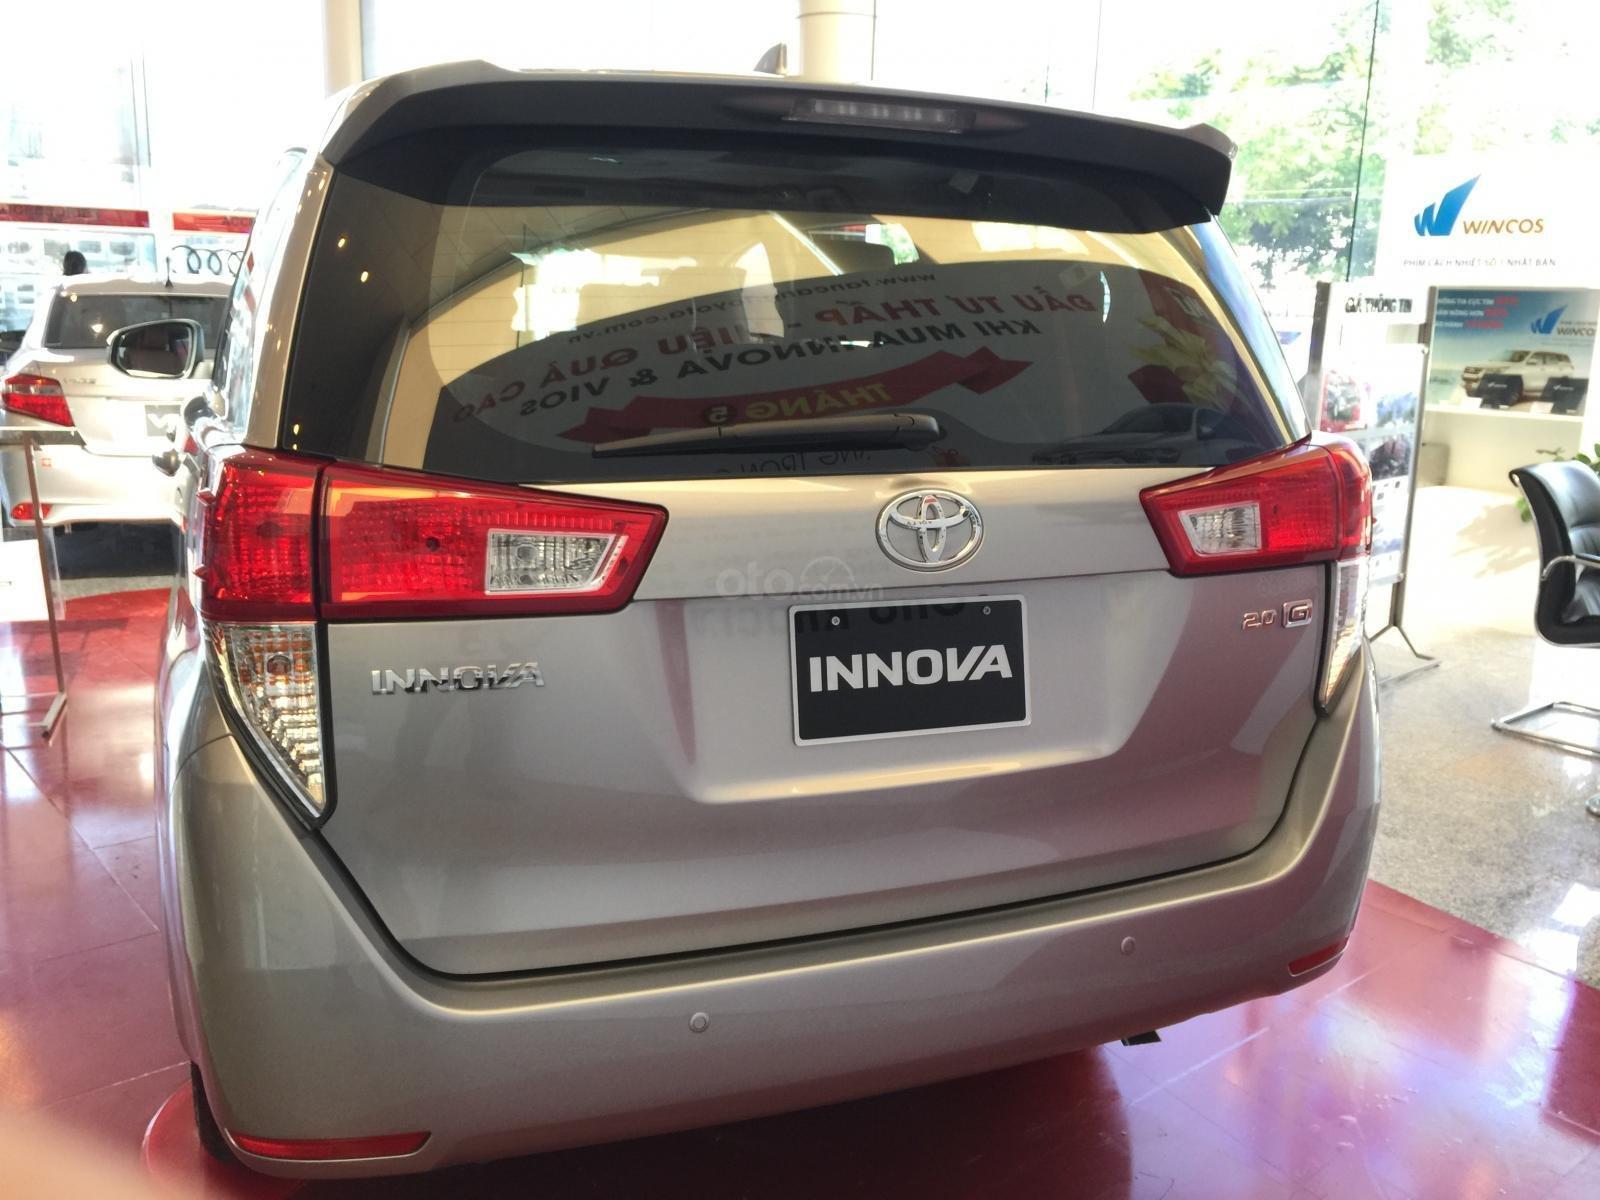 Toyota Tân Cảng bán Innova 2.0G AT 2020 mừng Tết Canh Tý bán giá cực kỳ hợp lý – xe đủ màu giao - LH 0901.92.33.99 (3)